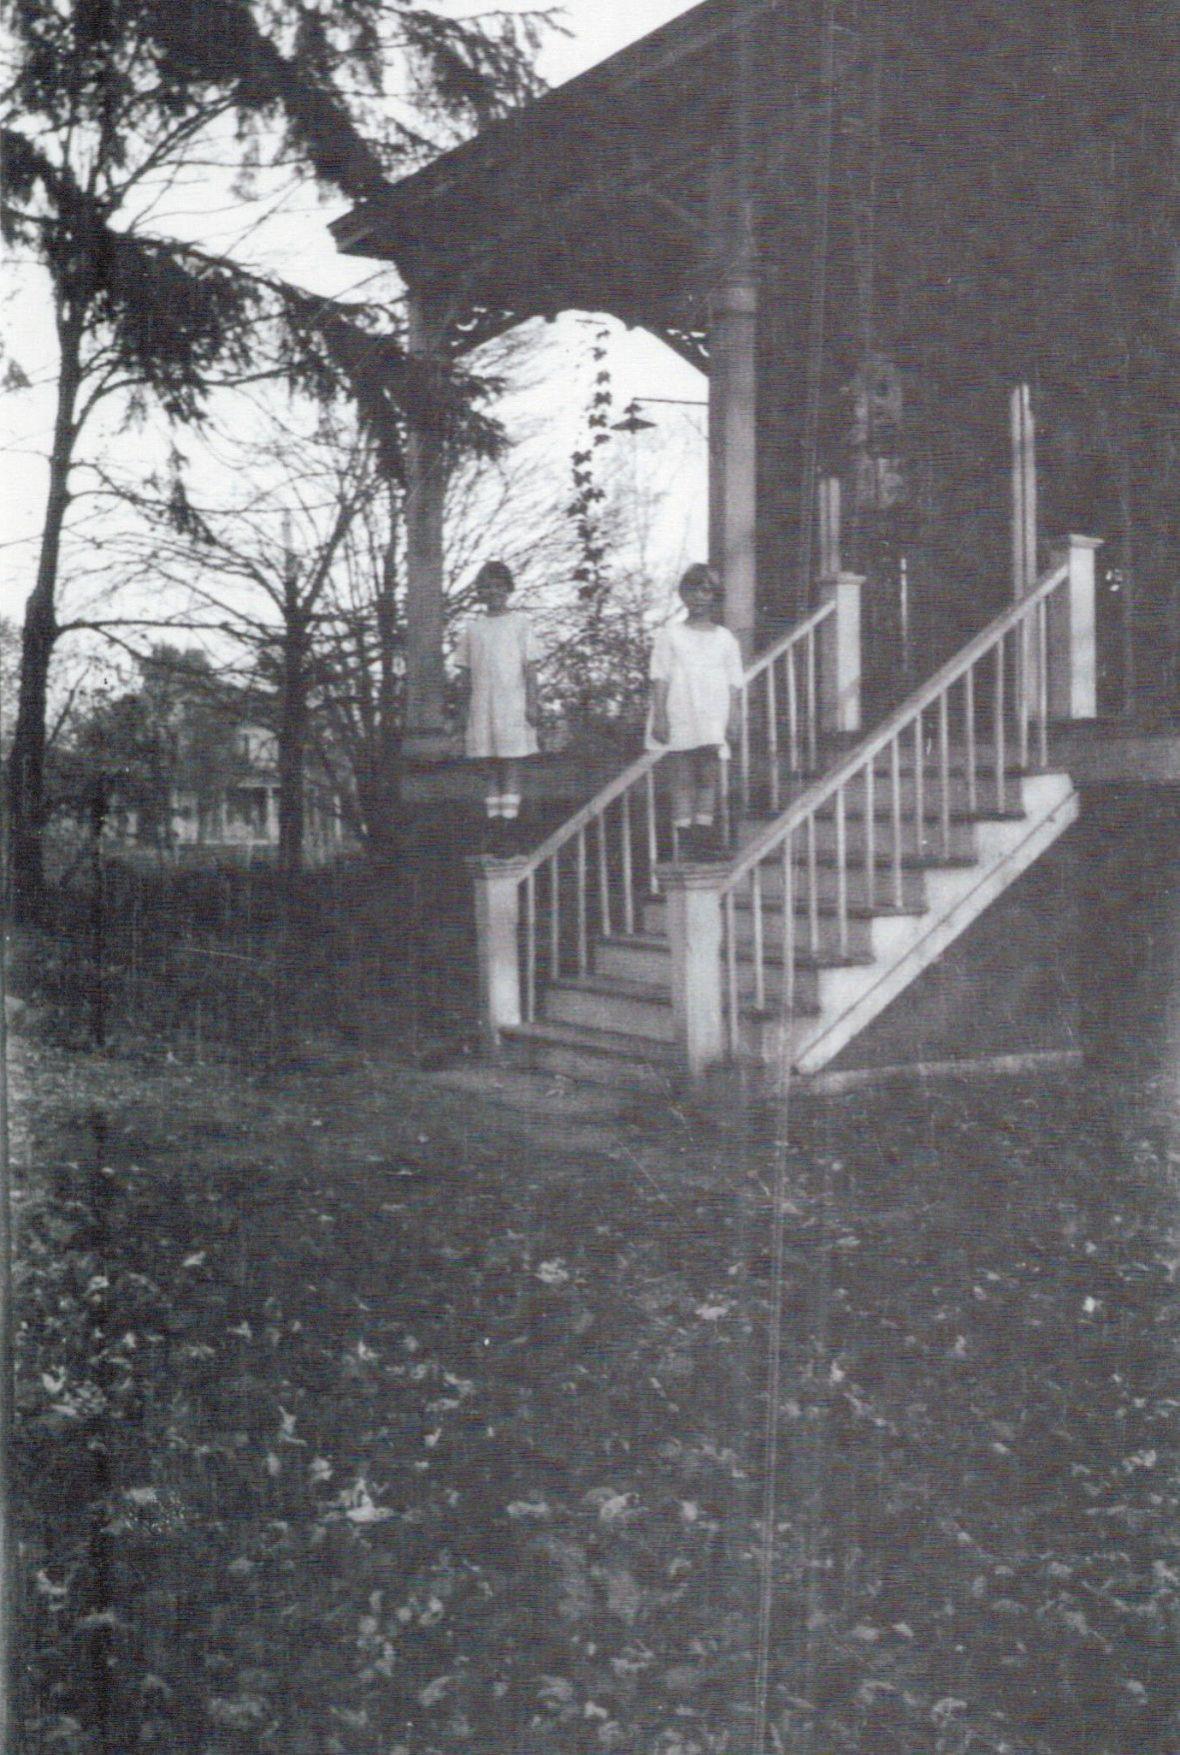 haunted radford Image 2.jpg